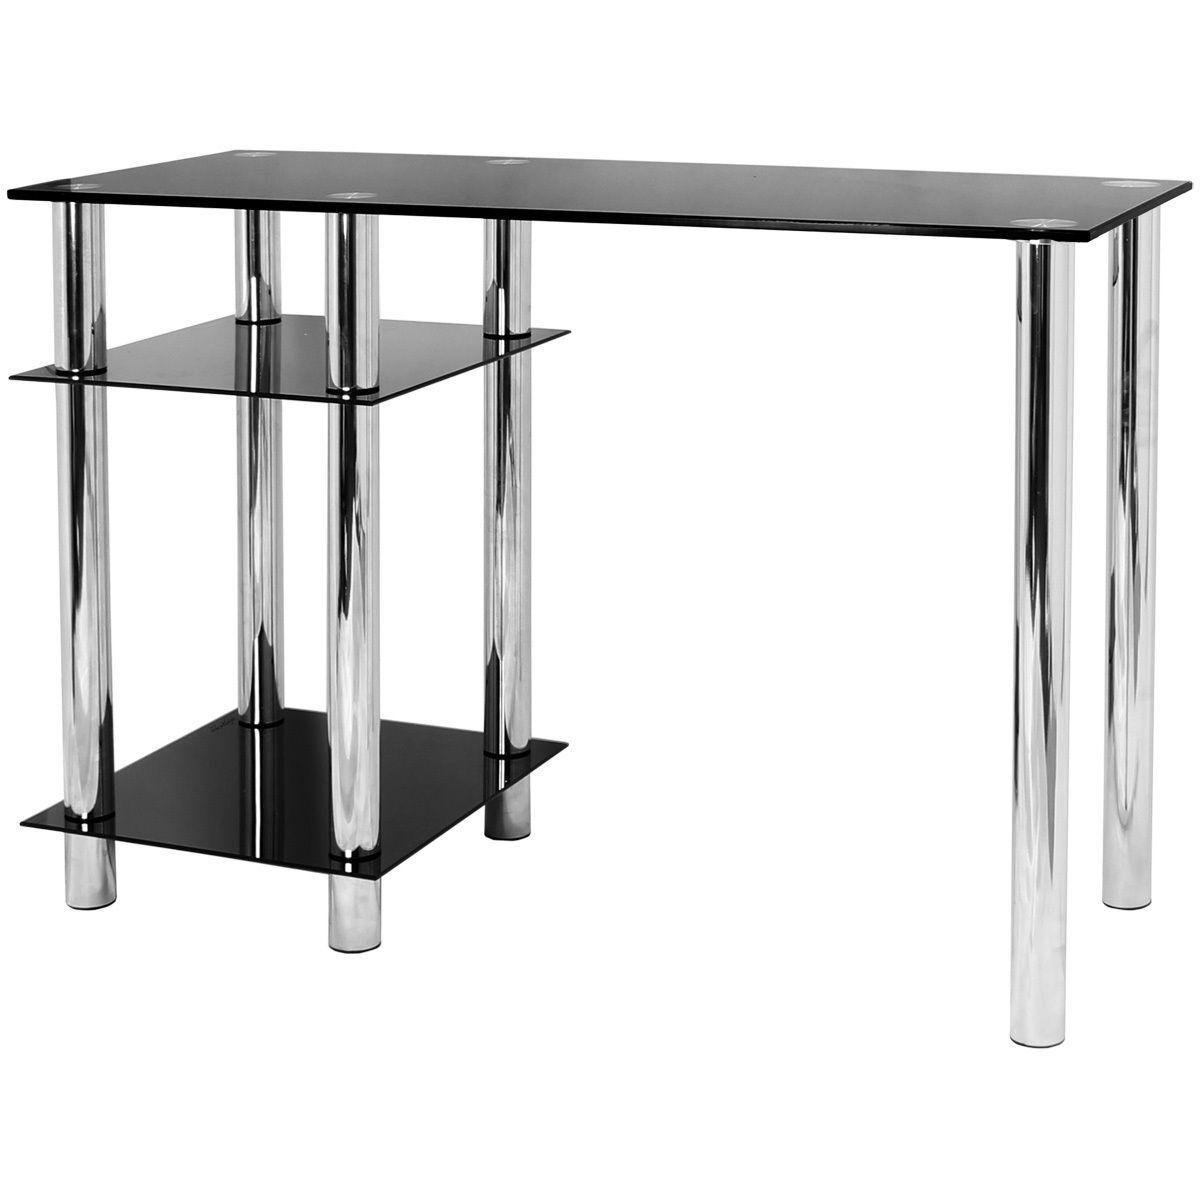 Ikea Schreibtisch Konfigurator 2021